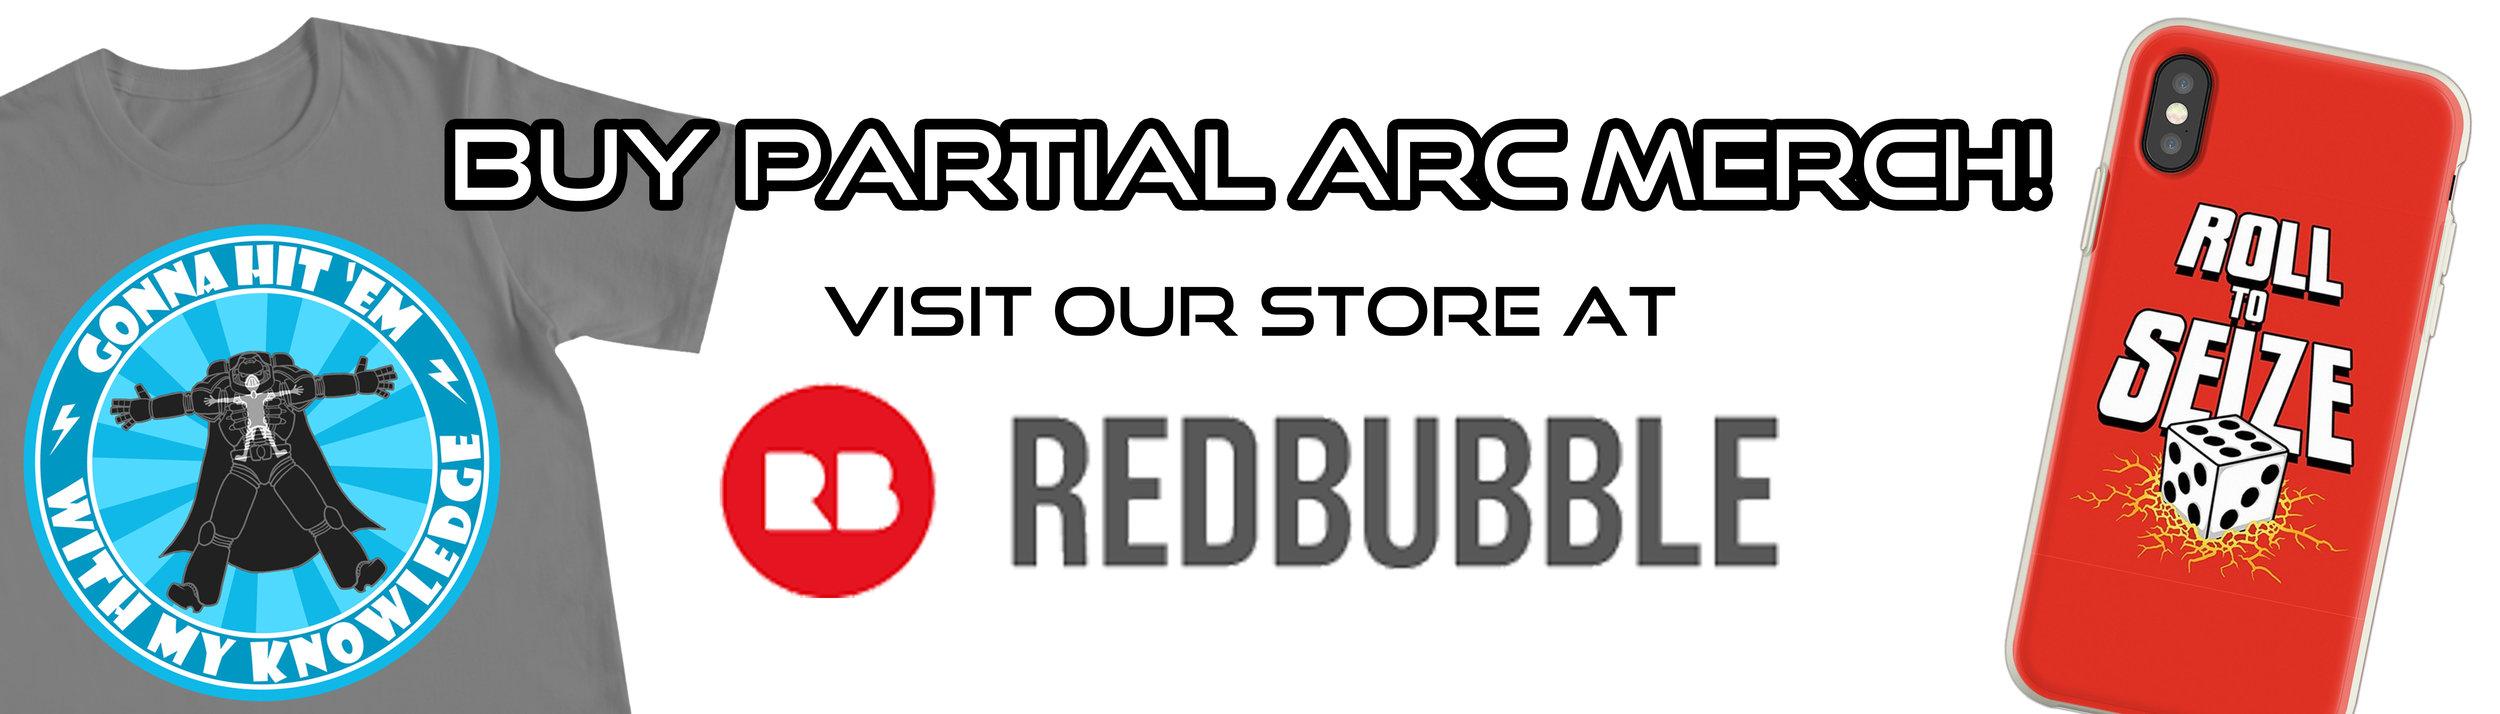 Redbubble Banner 3-27-19 v1.2.jpg